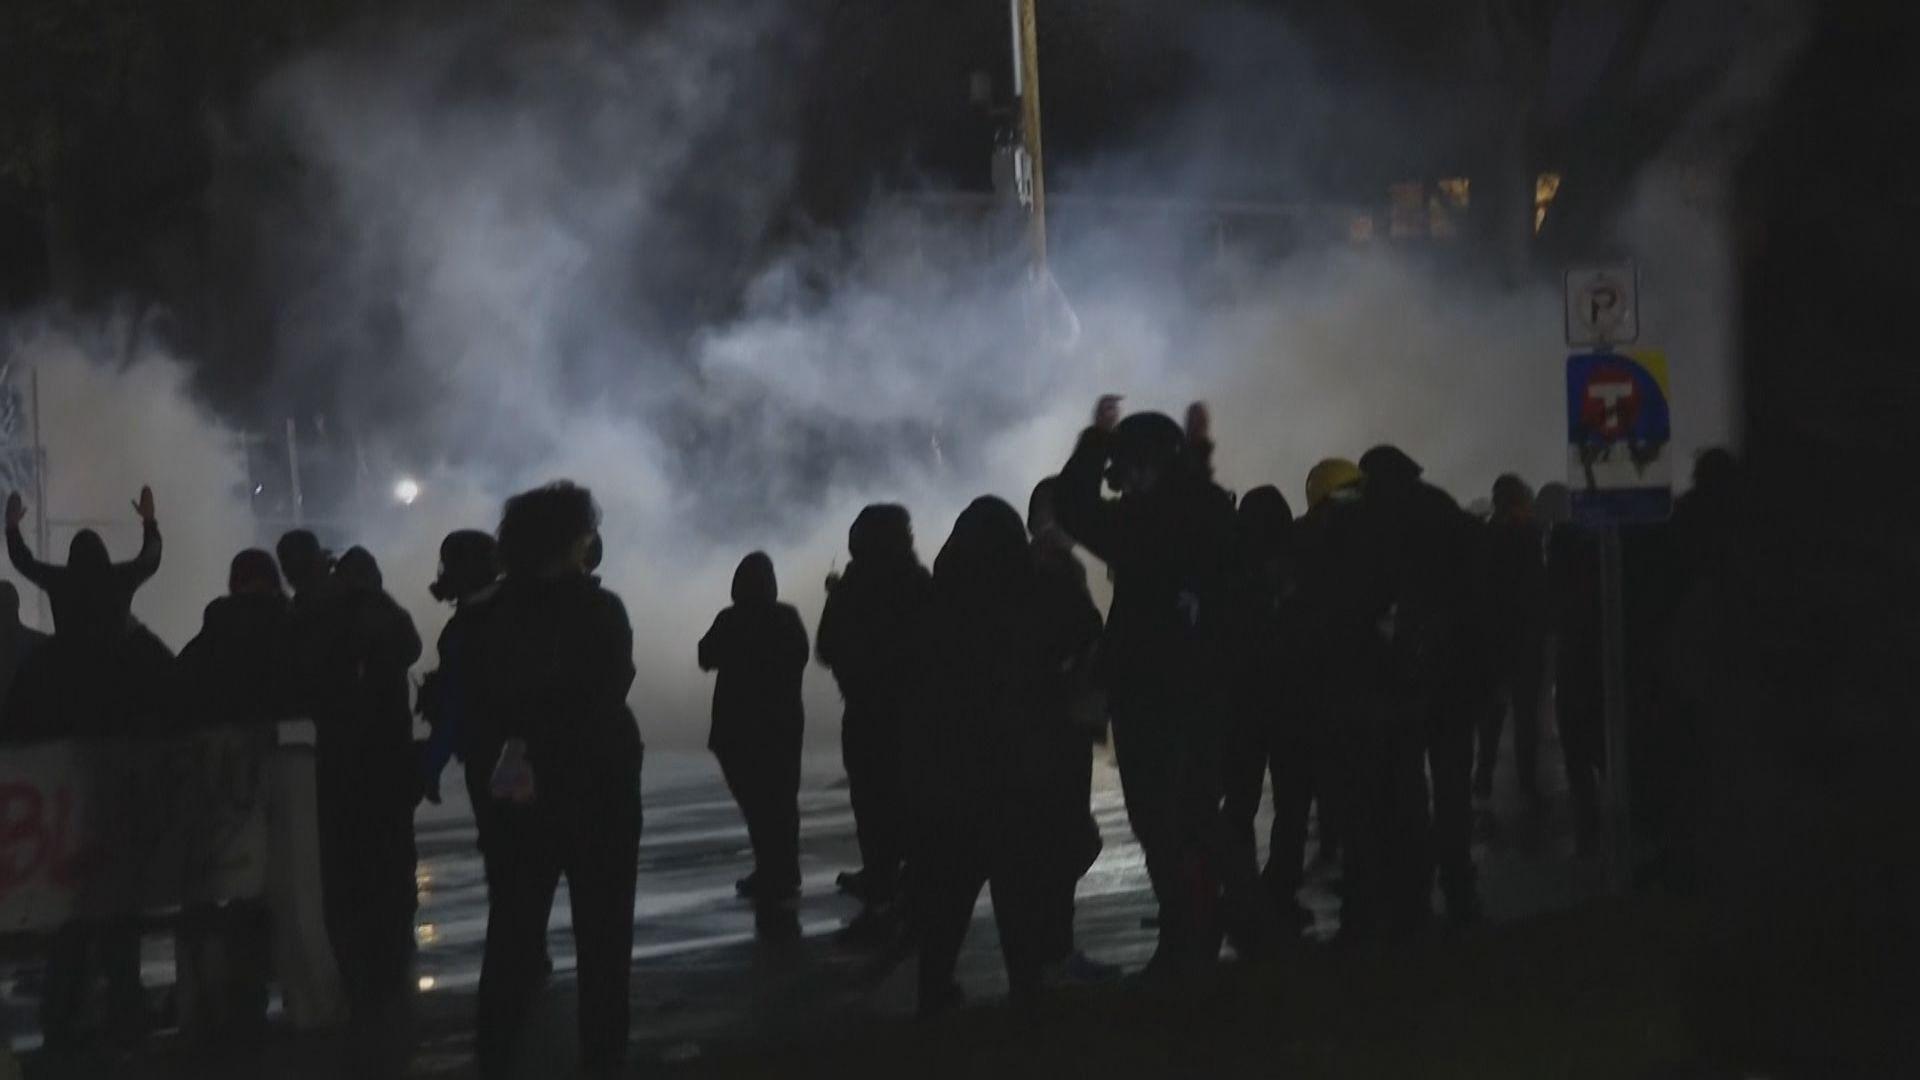 美非裔男子疑遭警擊中後死亡引發示威 事發城市宵禁